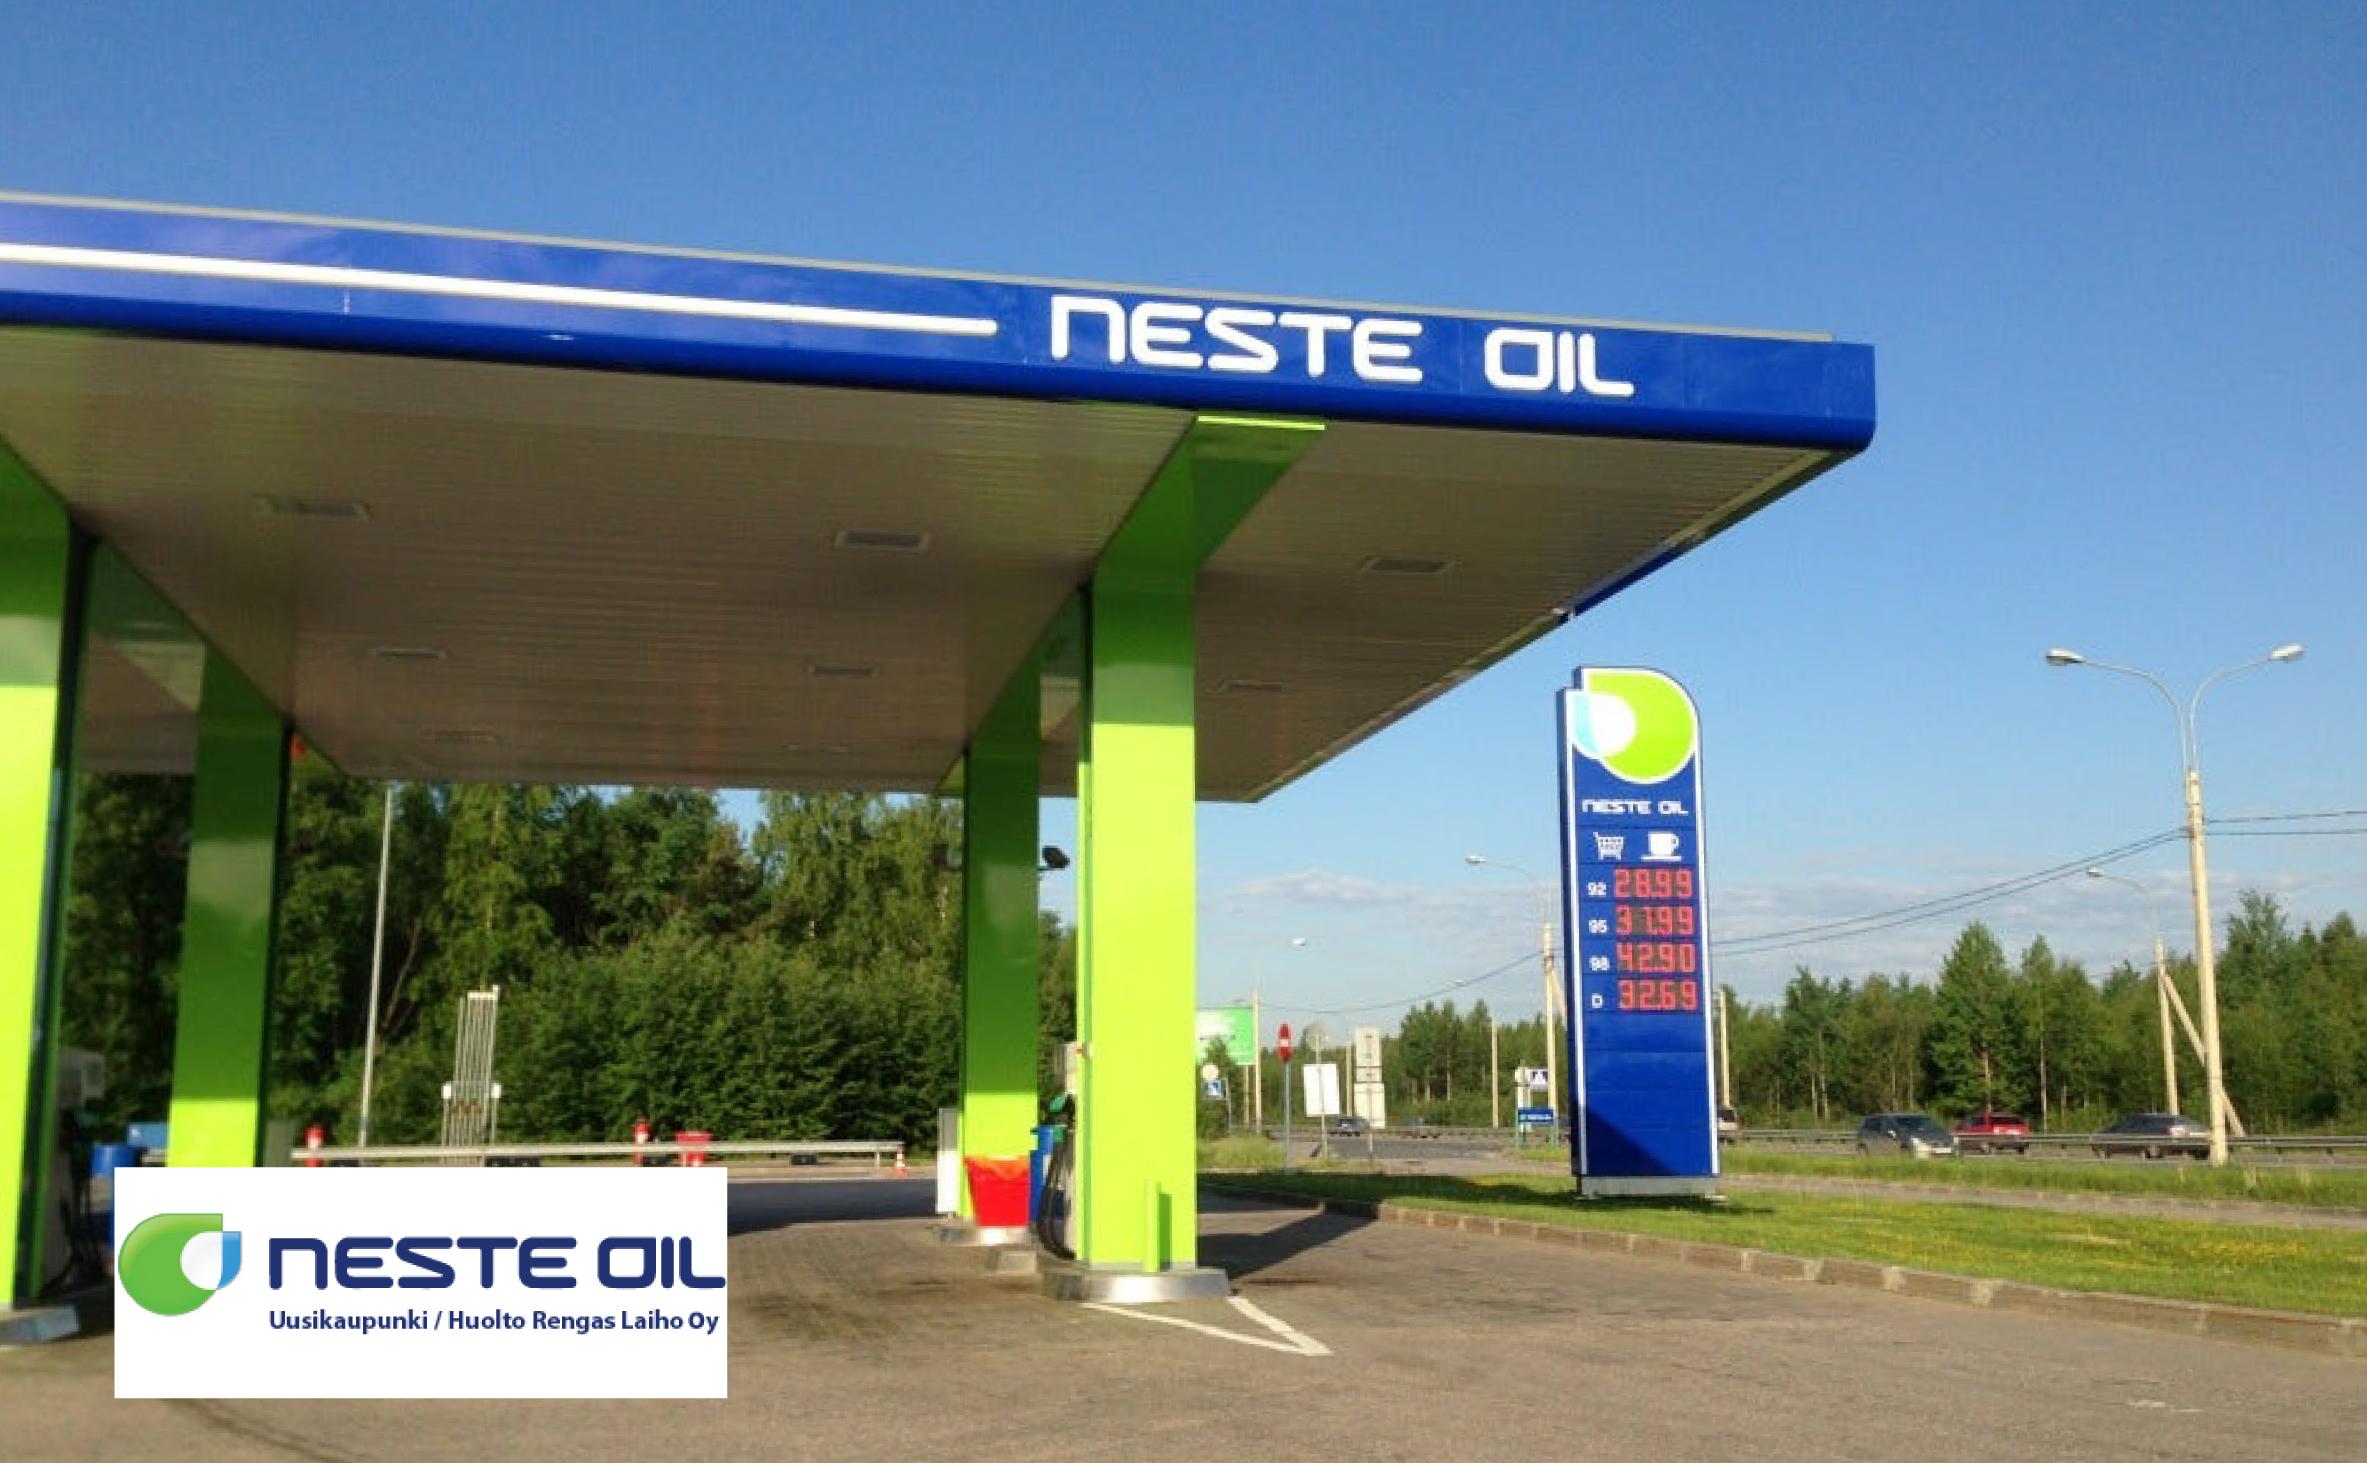 neste_oil